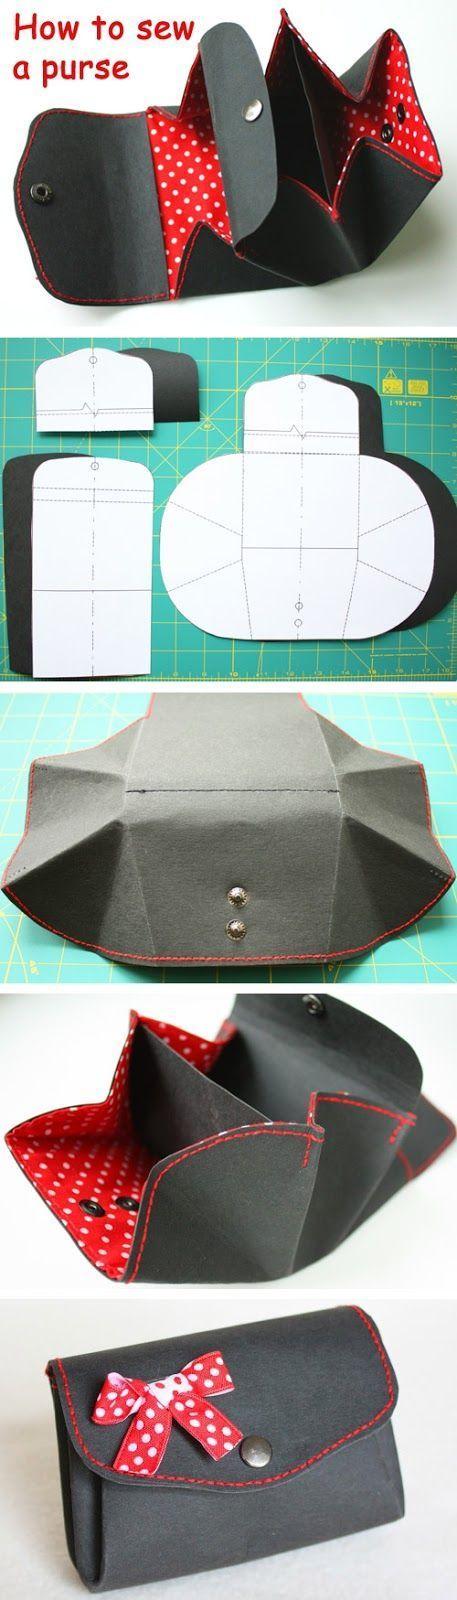 Anleitung für einen Geldbeutel aus Textil und Kraft-Tex mit Schittmuster http://www.handmadiya.com/2015/10/purse-kraft-tex-fabric-tutorial.html